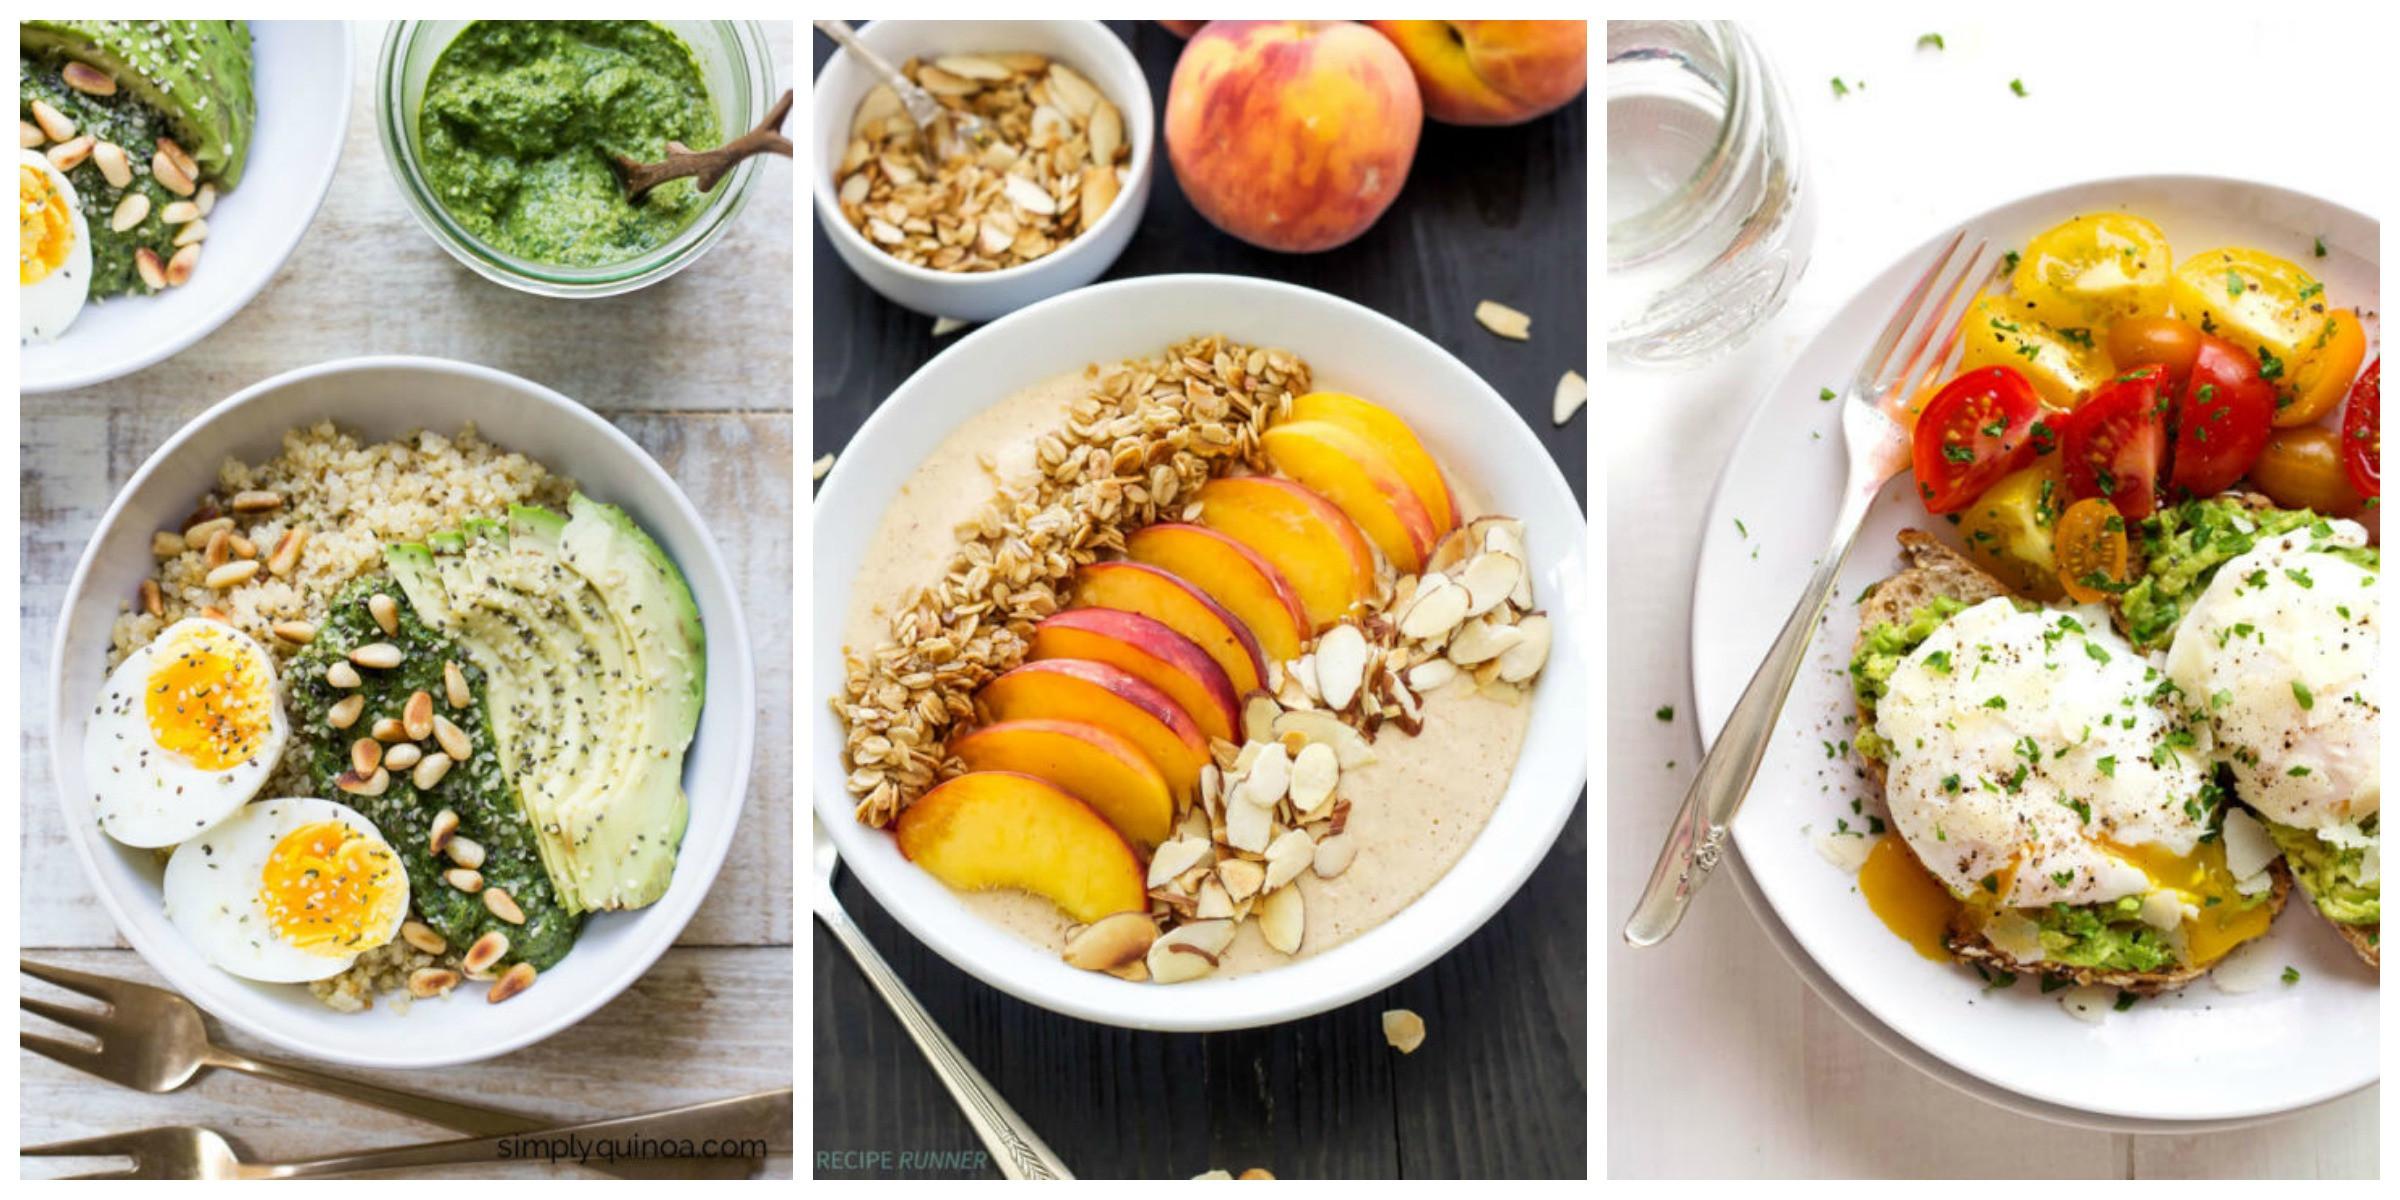 Best Healthy Breakfast Ideas  20 Best Healthy Breakfast Food Ideas Recipes for Healthy